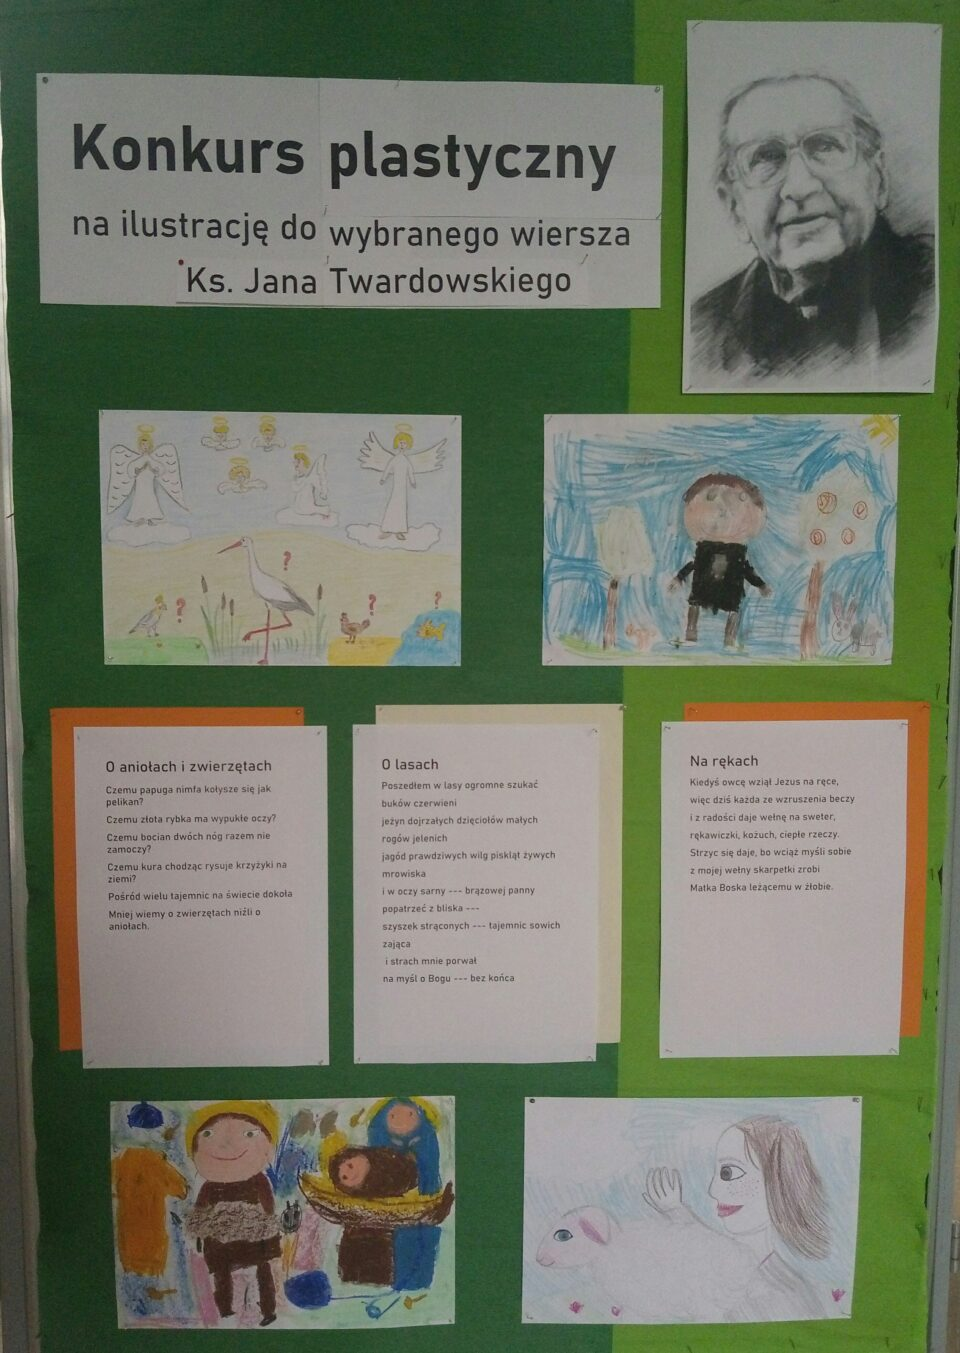 Rozstrzygnięcie konkursu plastycznego na ilustrację do wybranego wiersza ks. Jana Twardowskiego